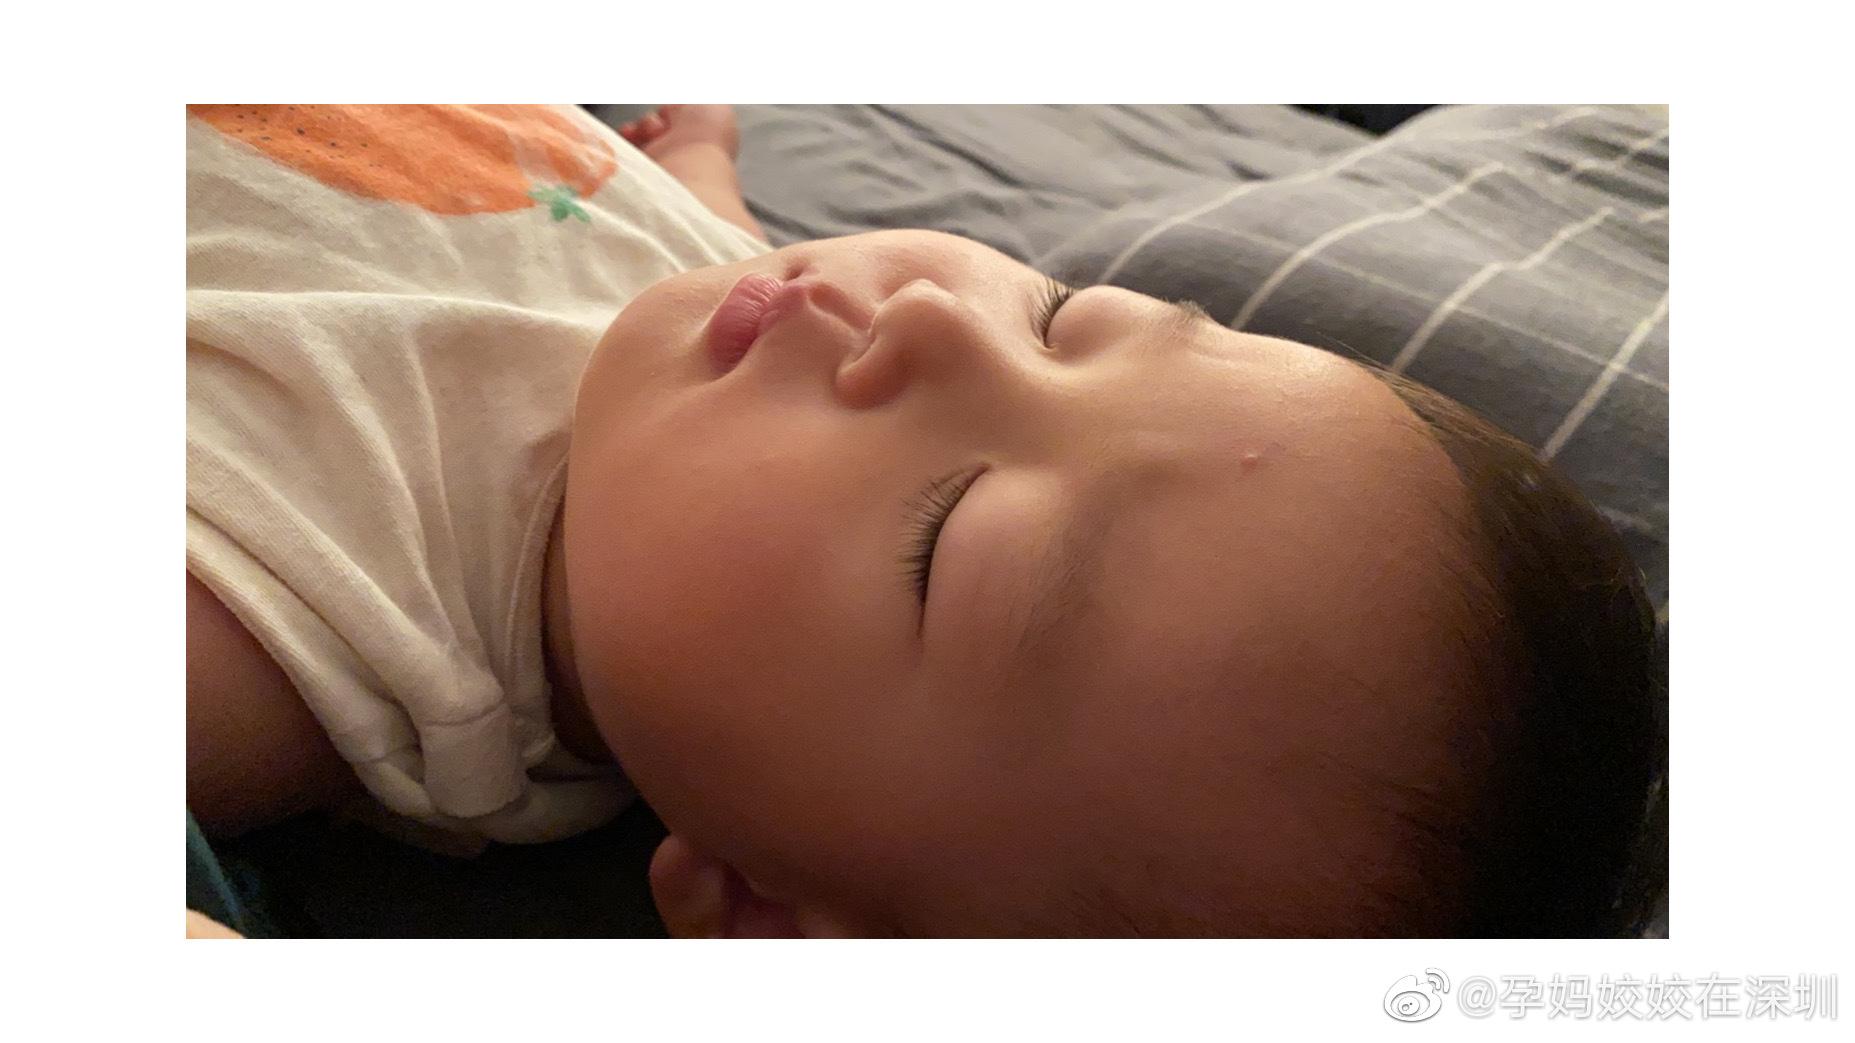 有的小宝宝还在睡觉妈妈已经来医院抽血测血糖了喝糖水……真的是我